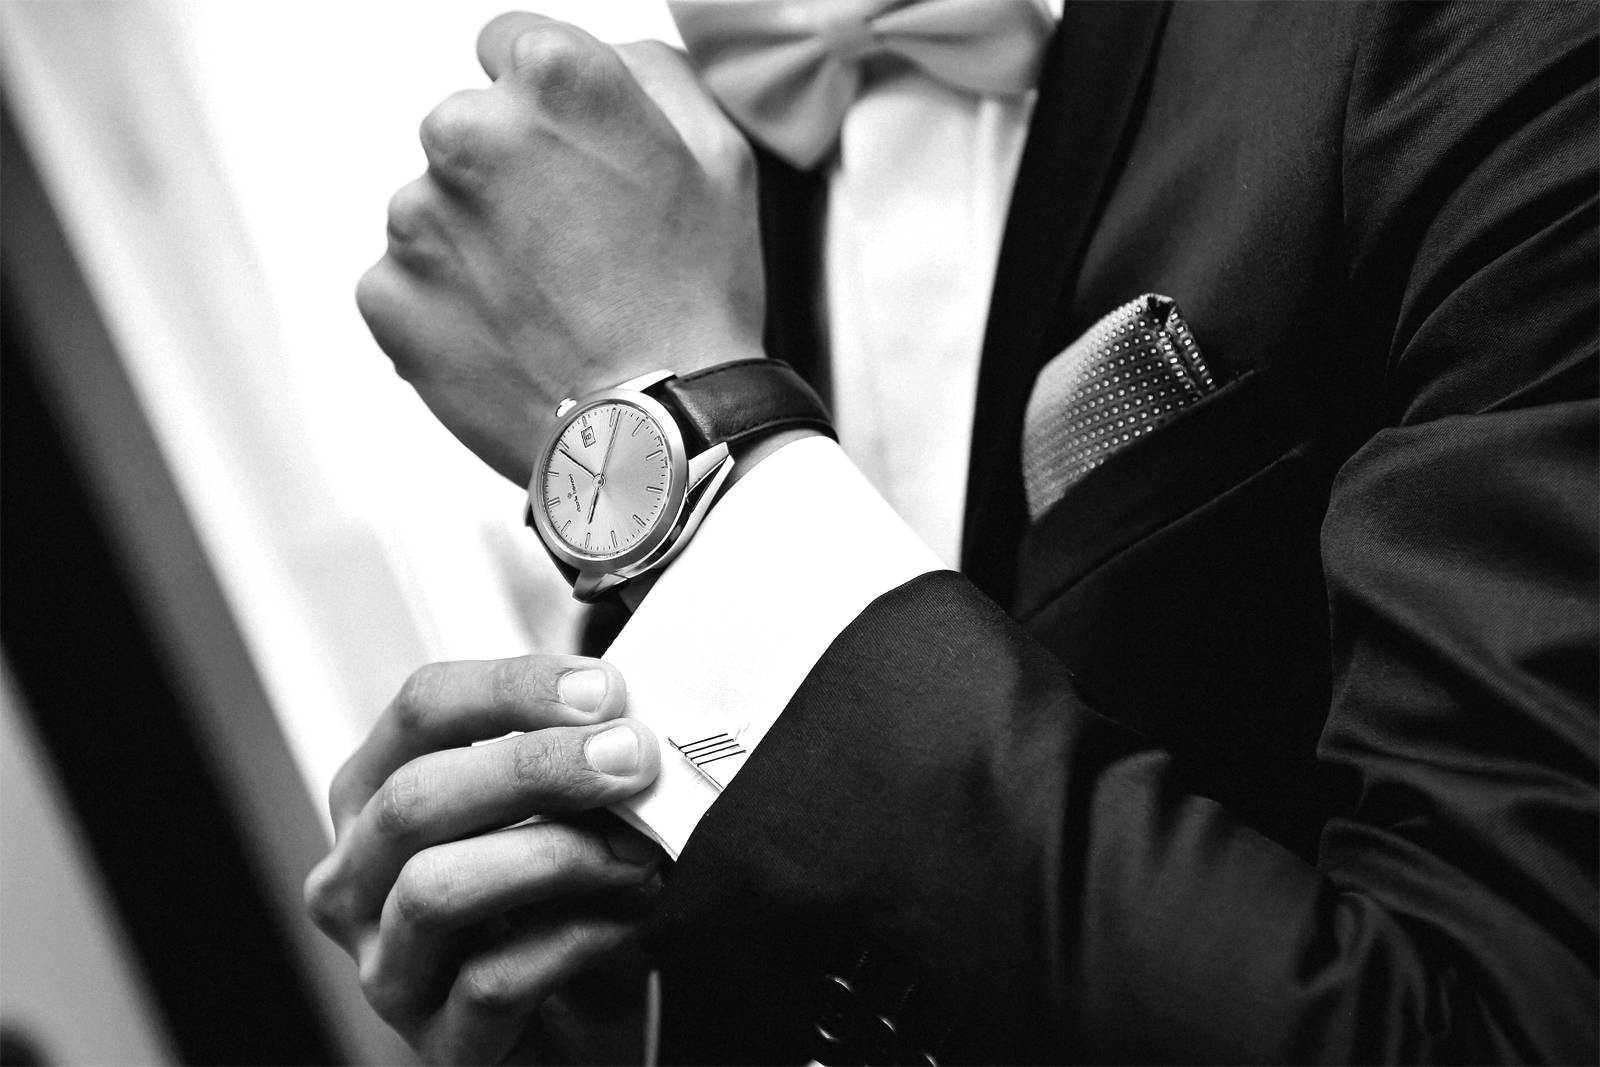 O que seu relógio diz sobre você?